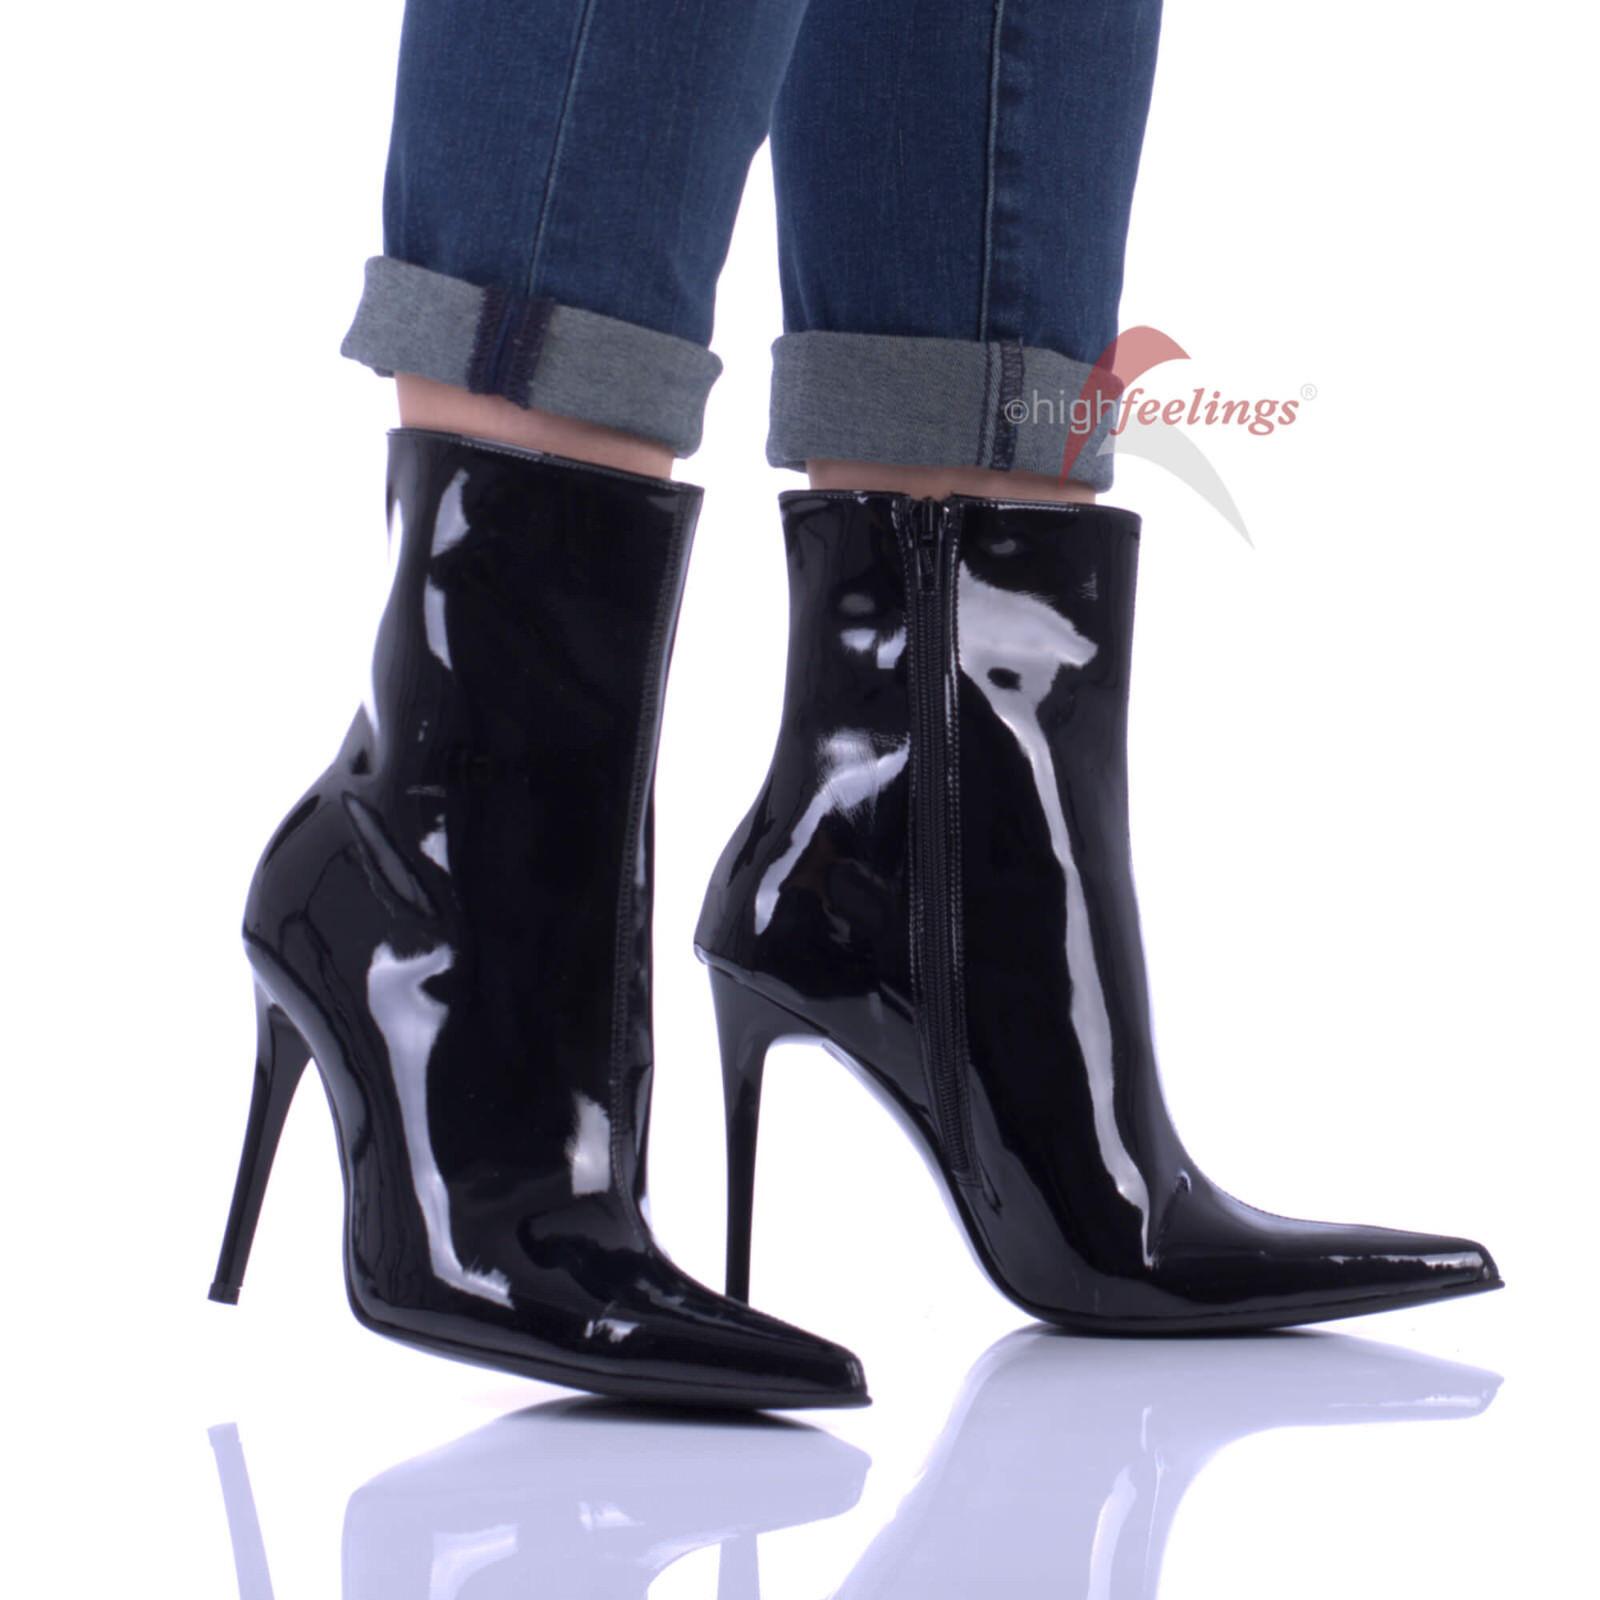 Hohe Stiefeletten High Heels 10 - 13 cm Absatz Lack Schwarz EUR 36 - 47